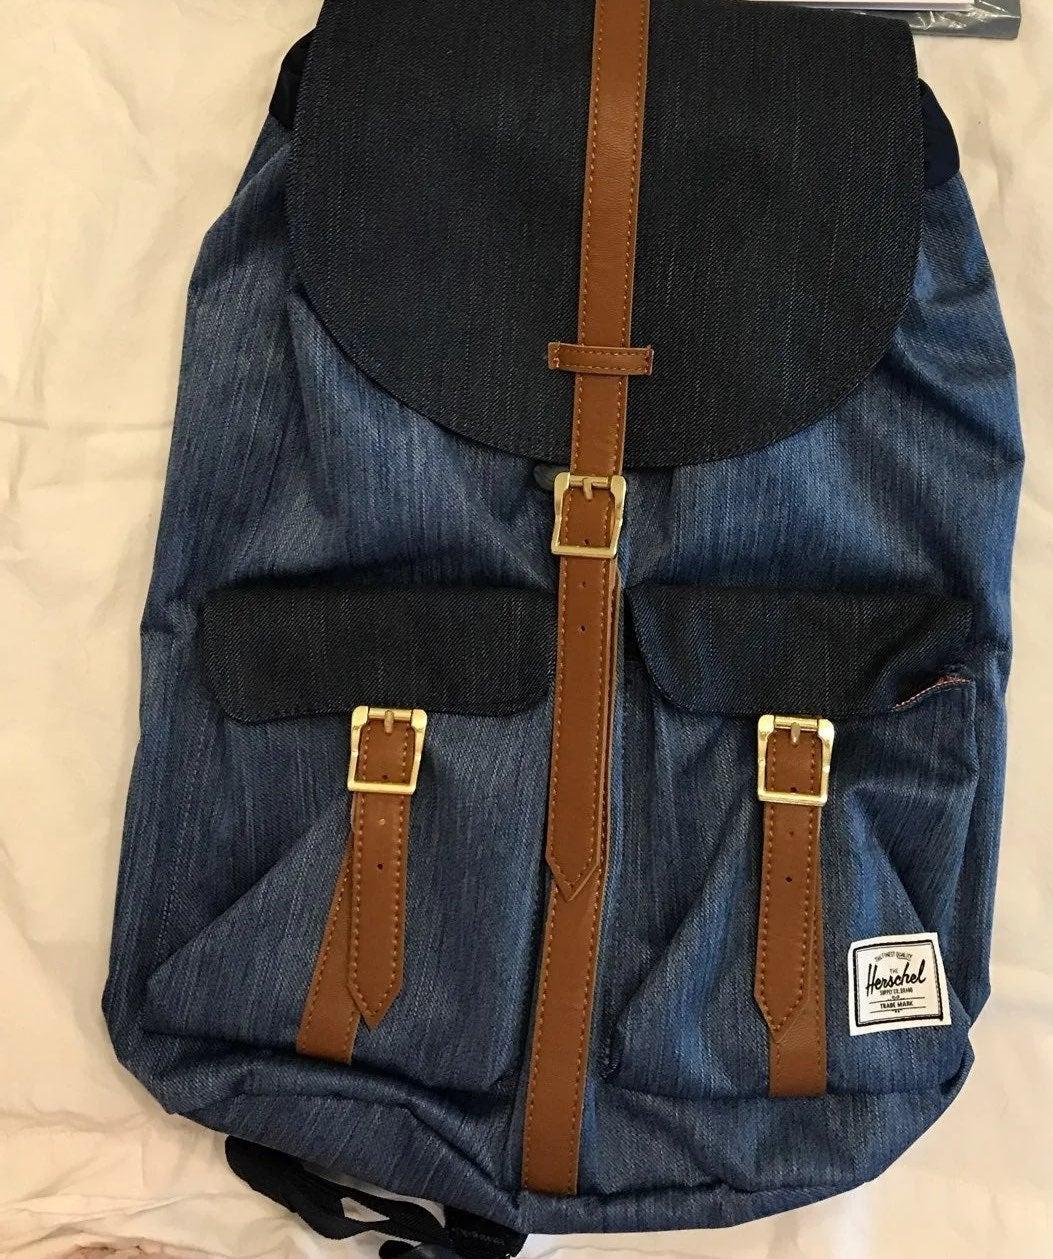 Hershel Dawson Backpack Blue